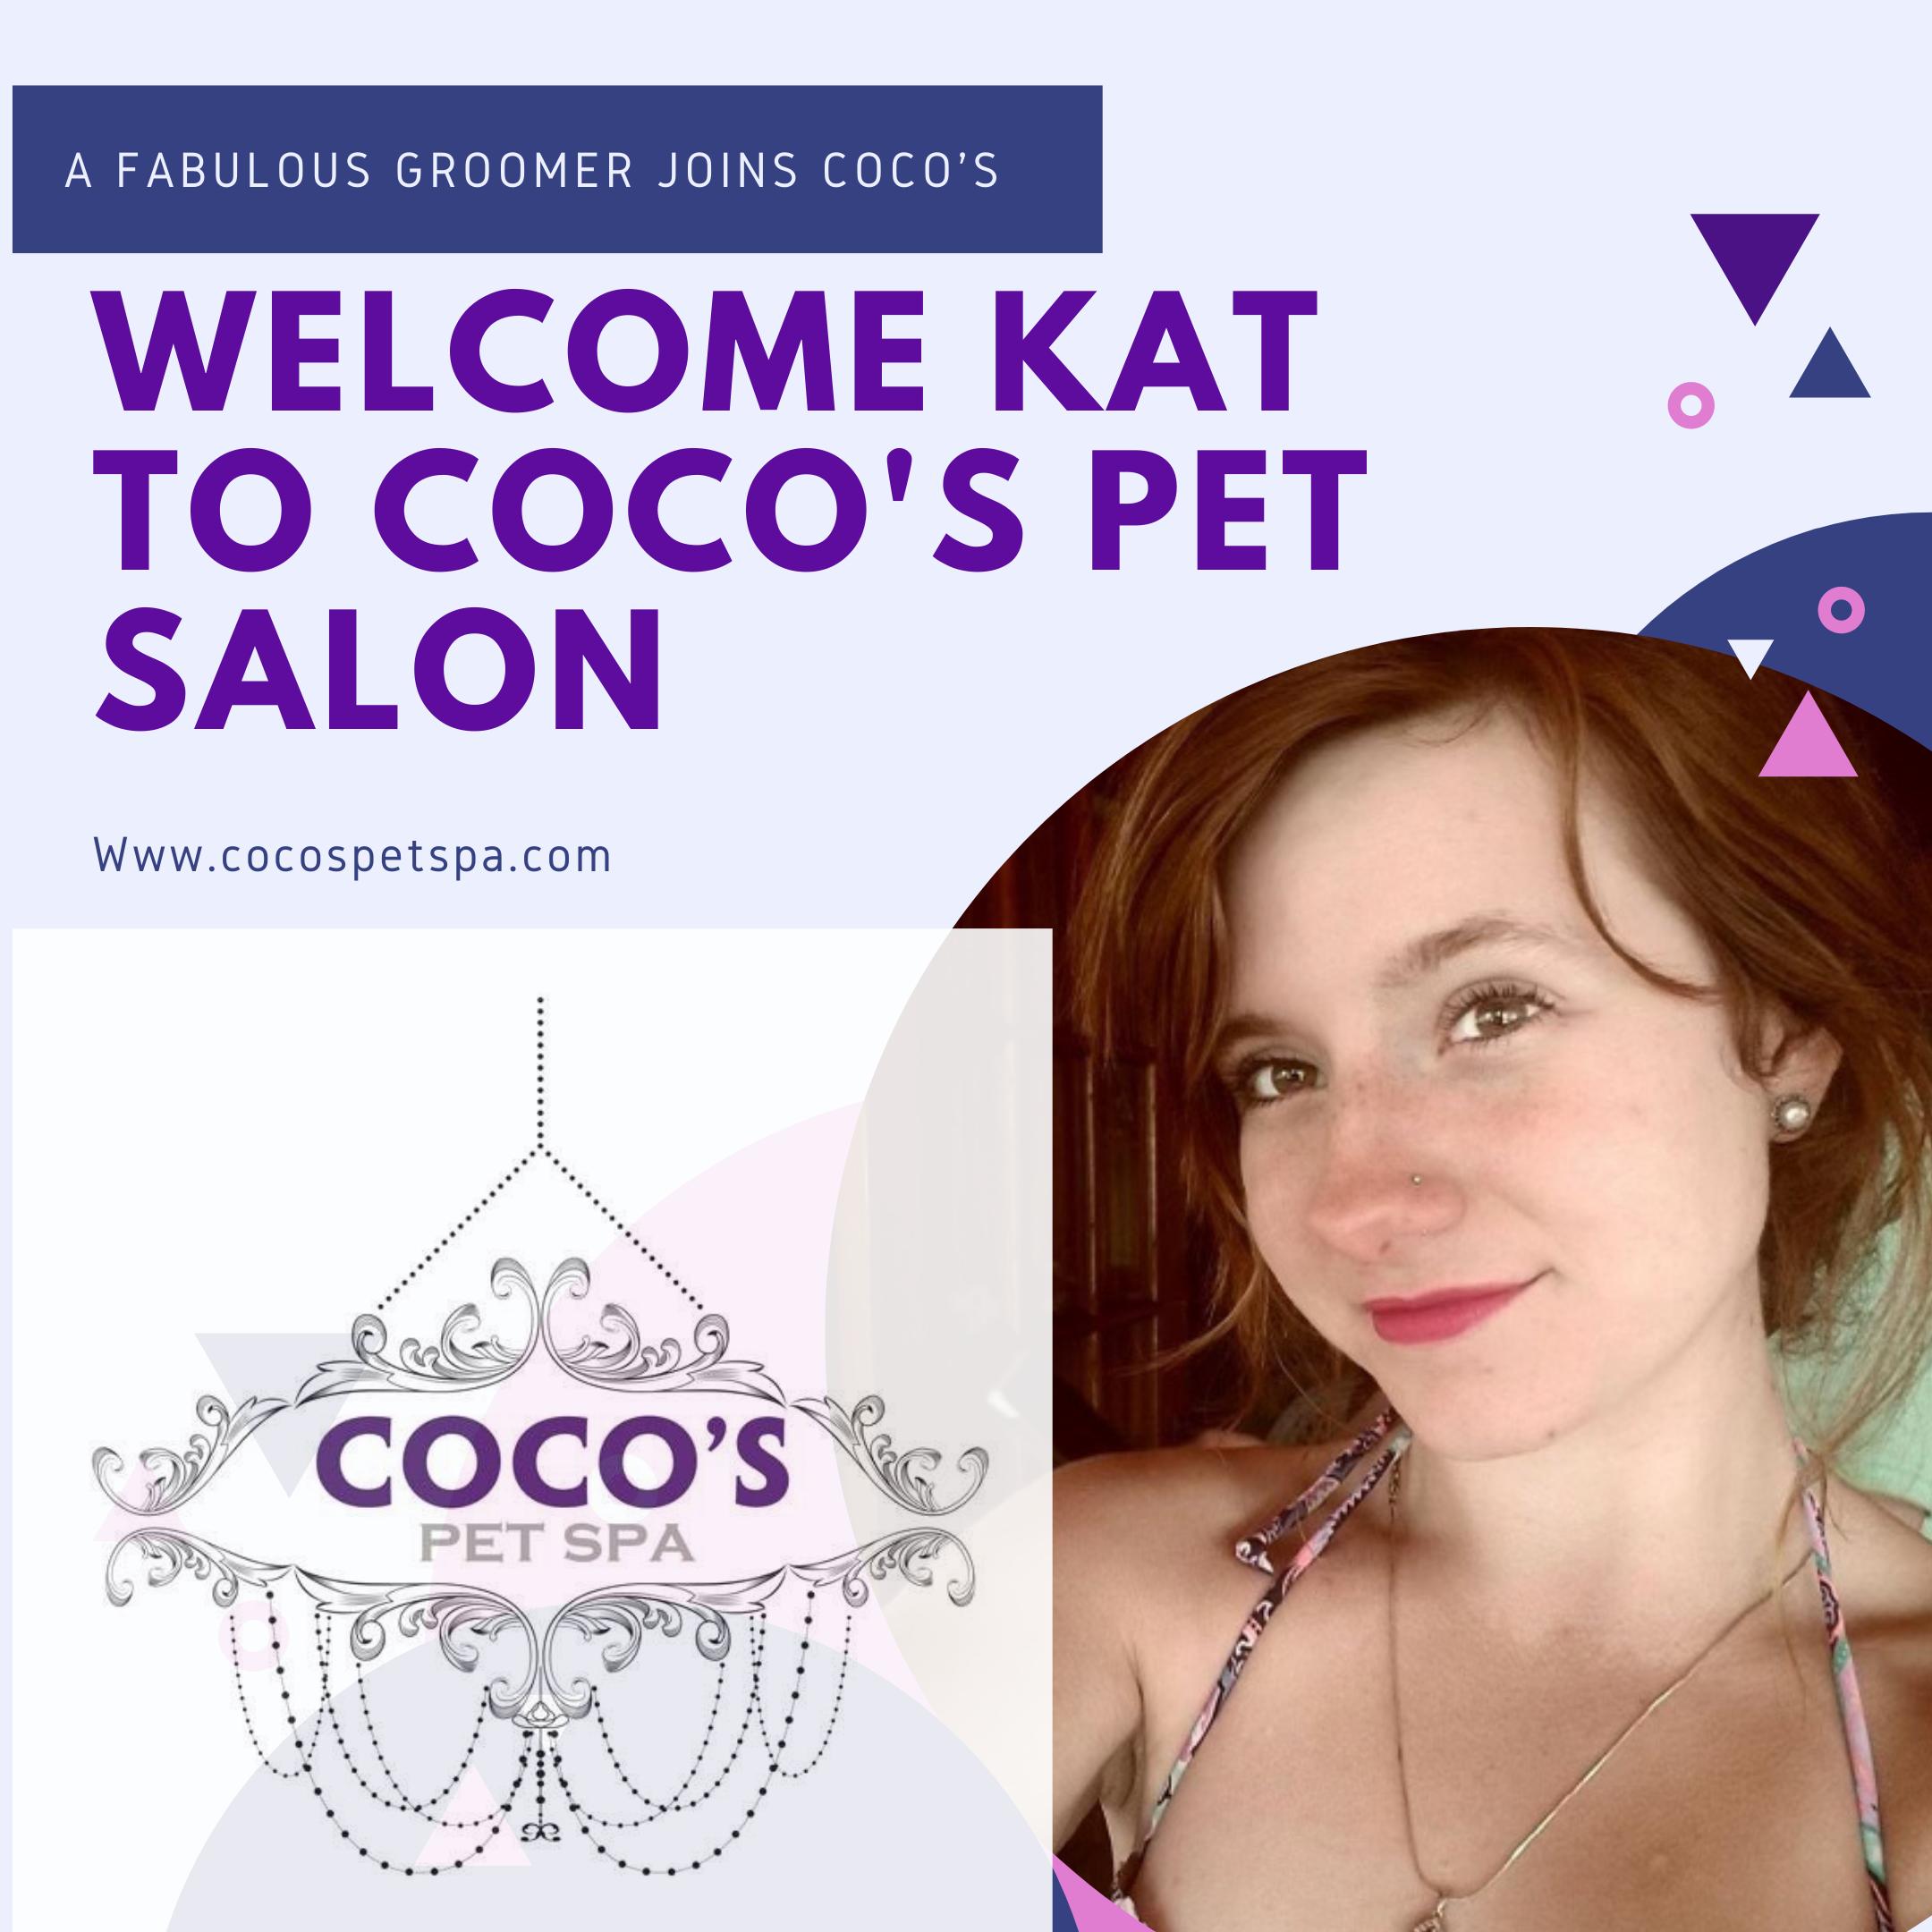 Welcome Kat